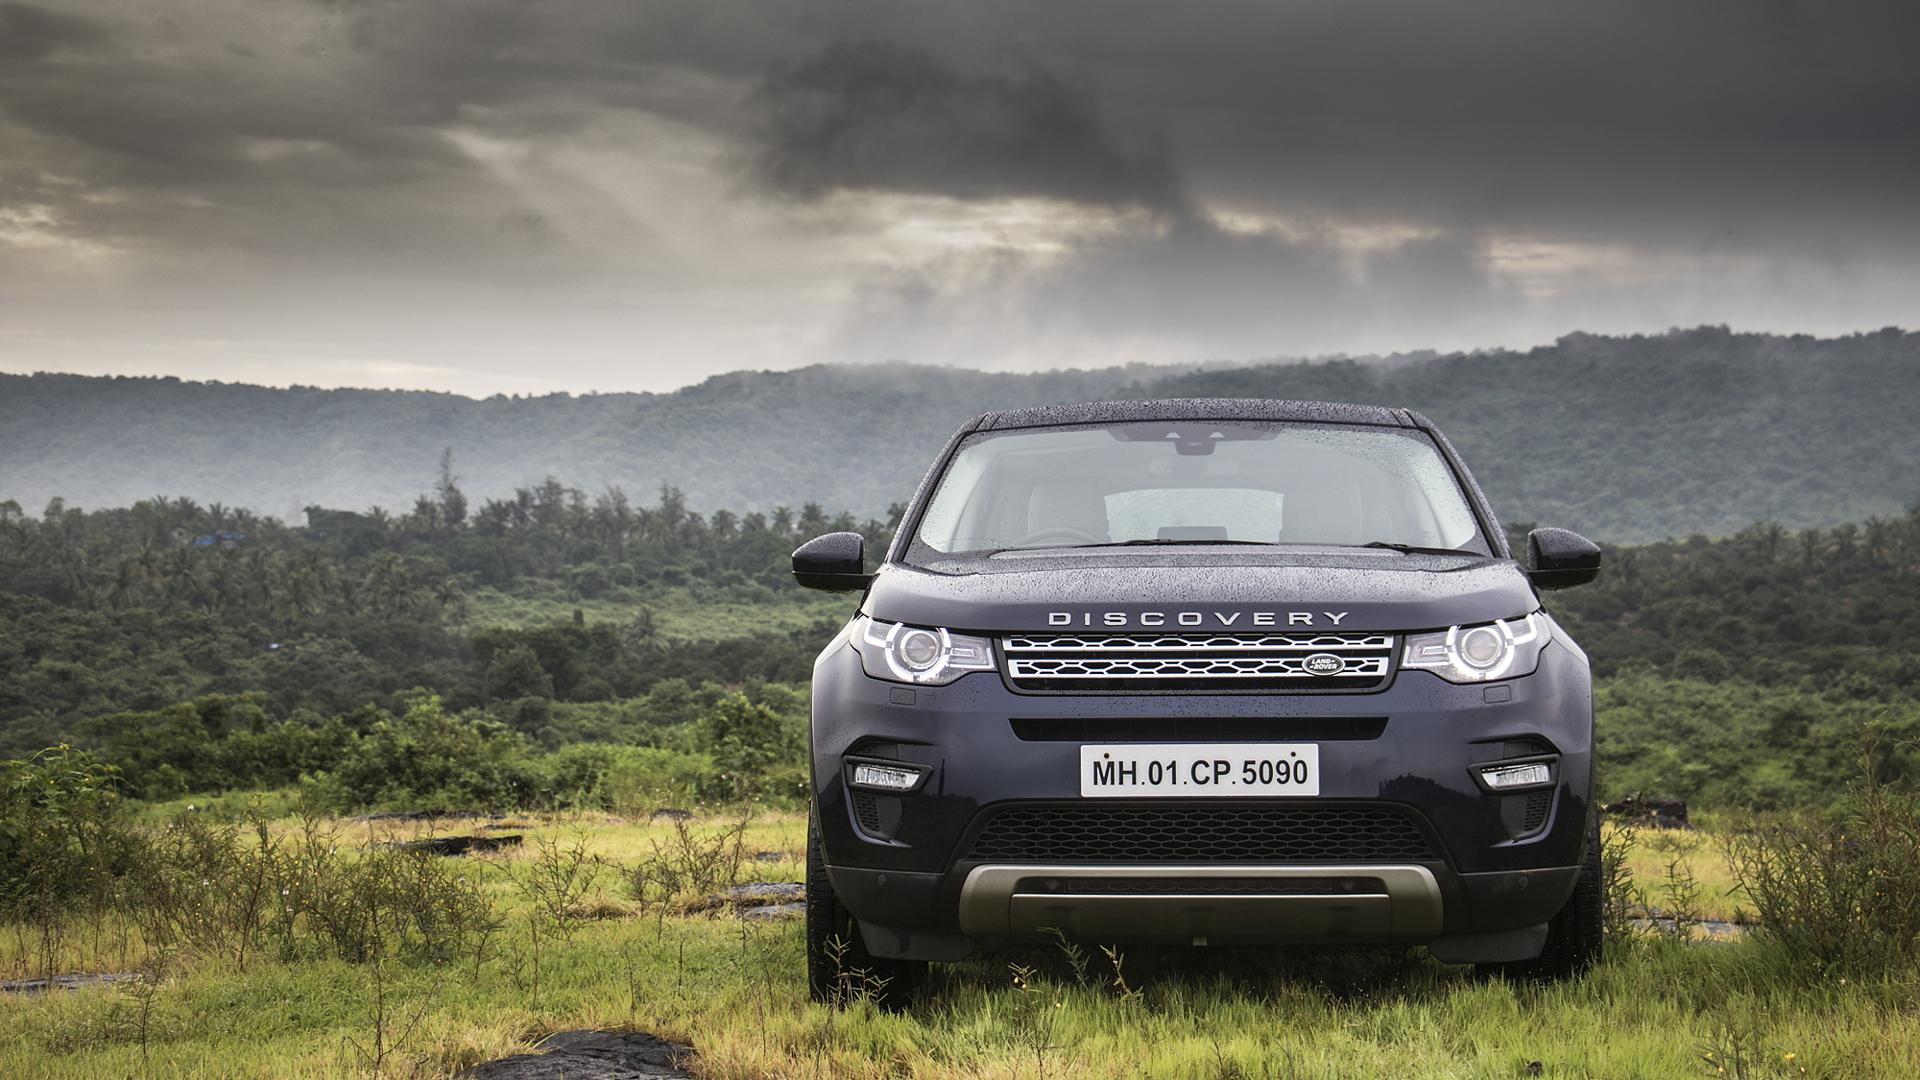 Land Rover Discovery Sport Interior & Exterior